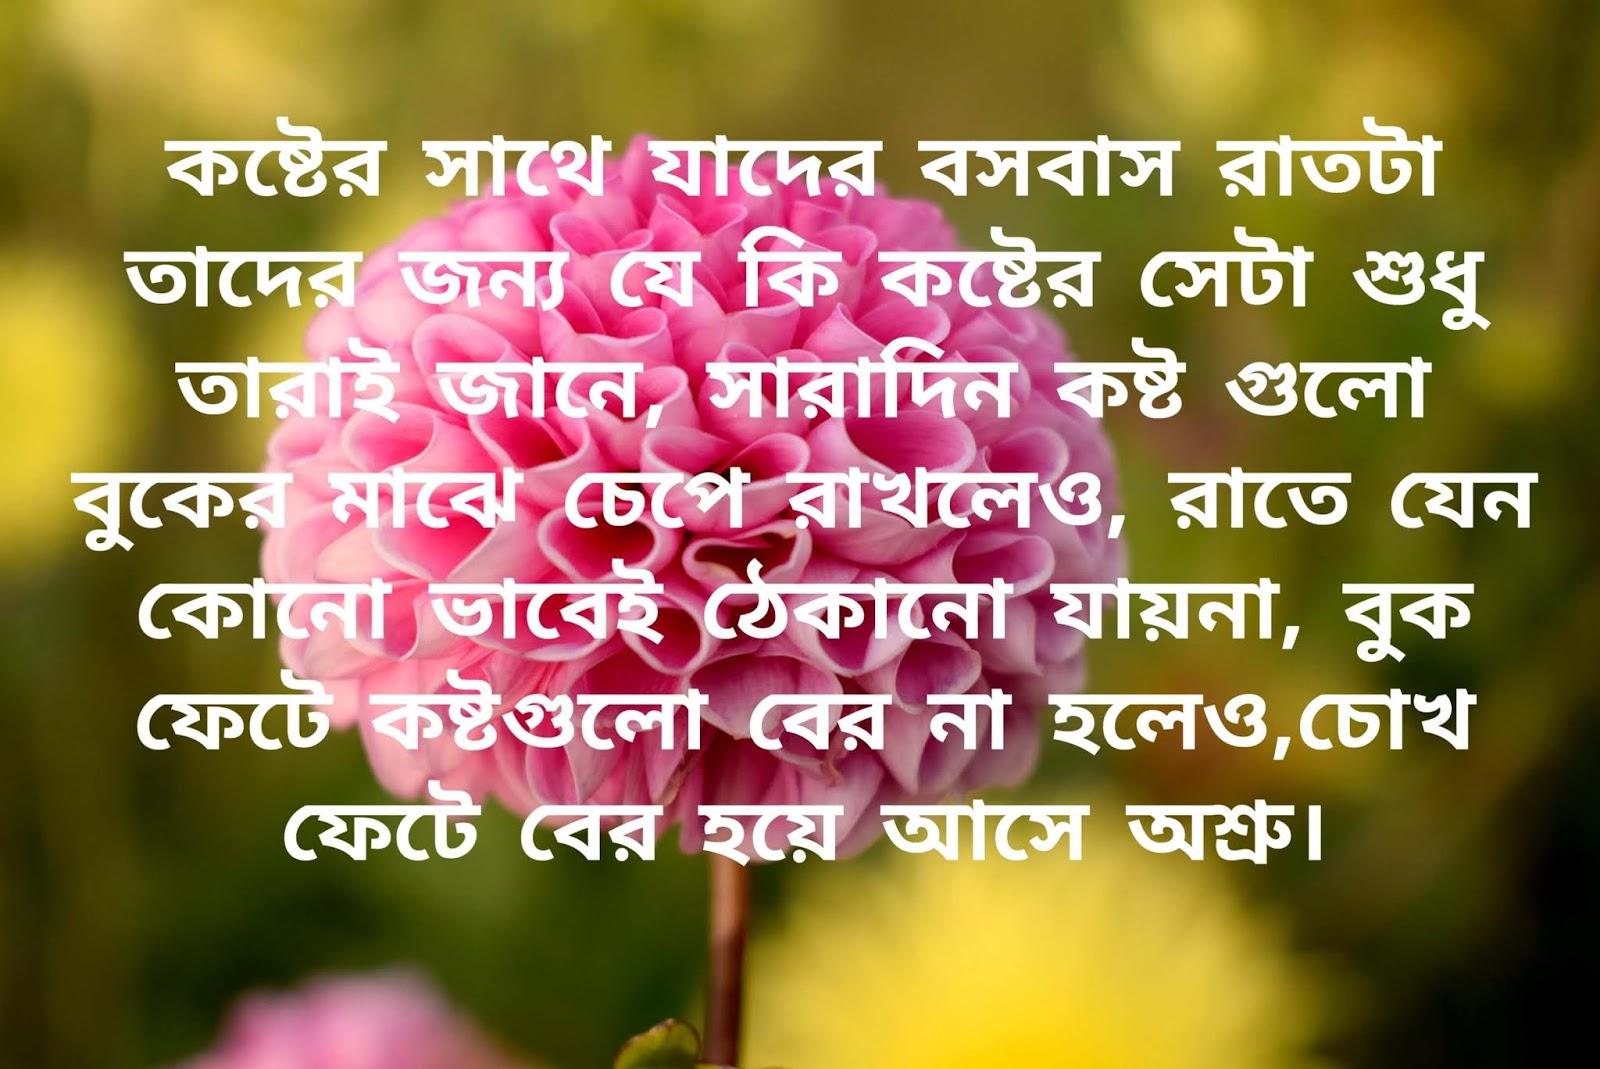 Bengali Shayari photo